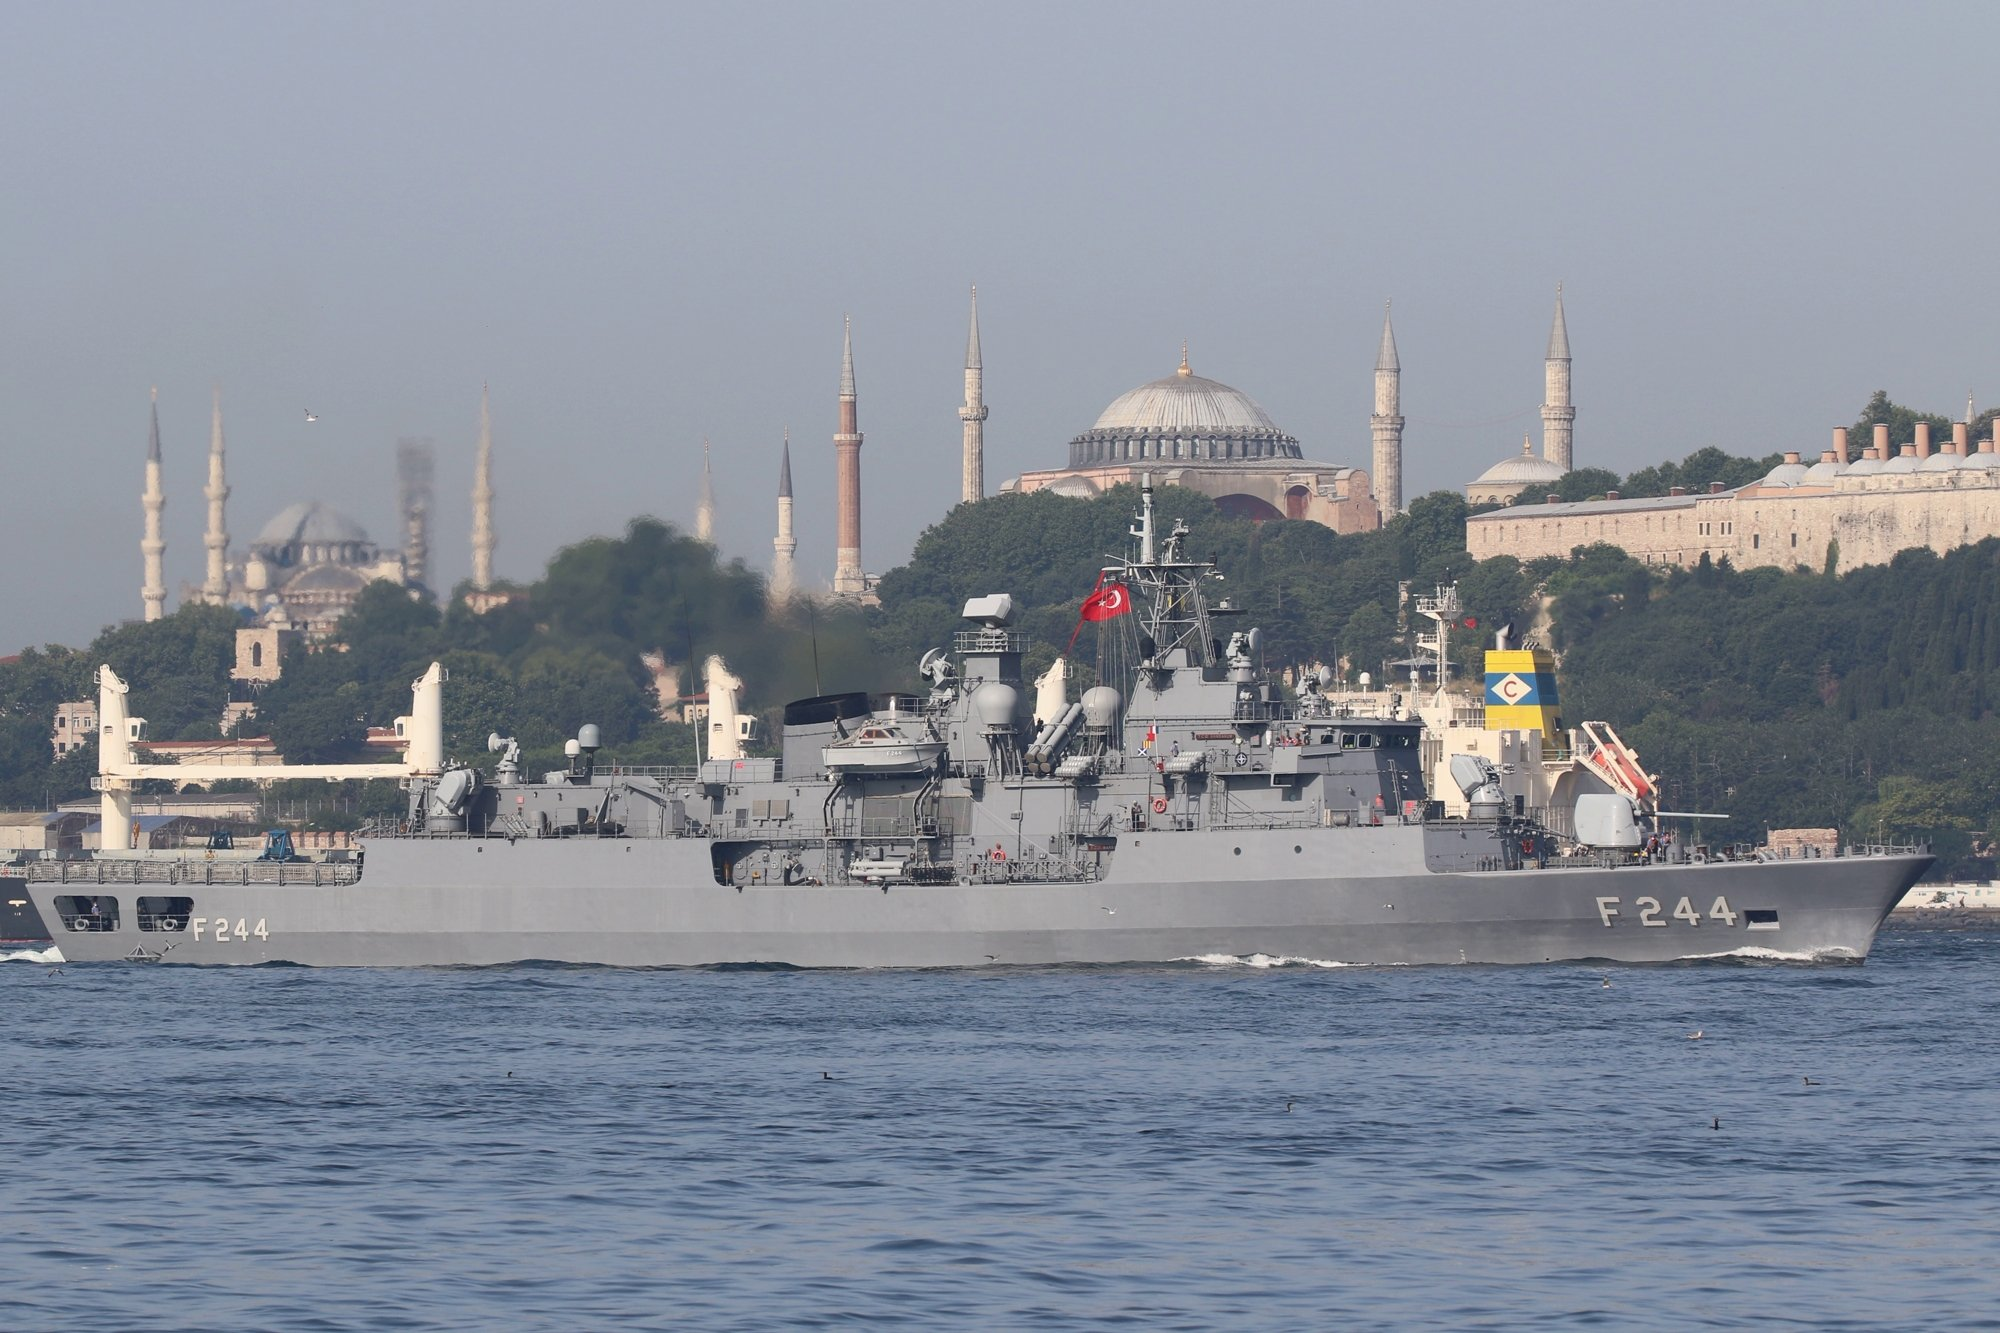 Группа быстрого реагирования НАТО идет в Черное море: два фрегата пересекли Босфор 2